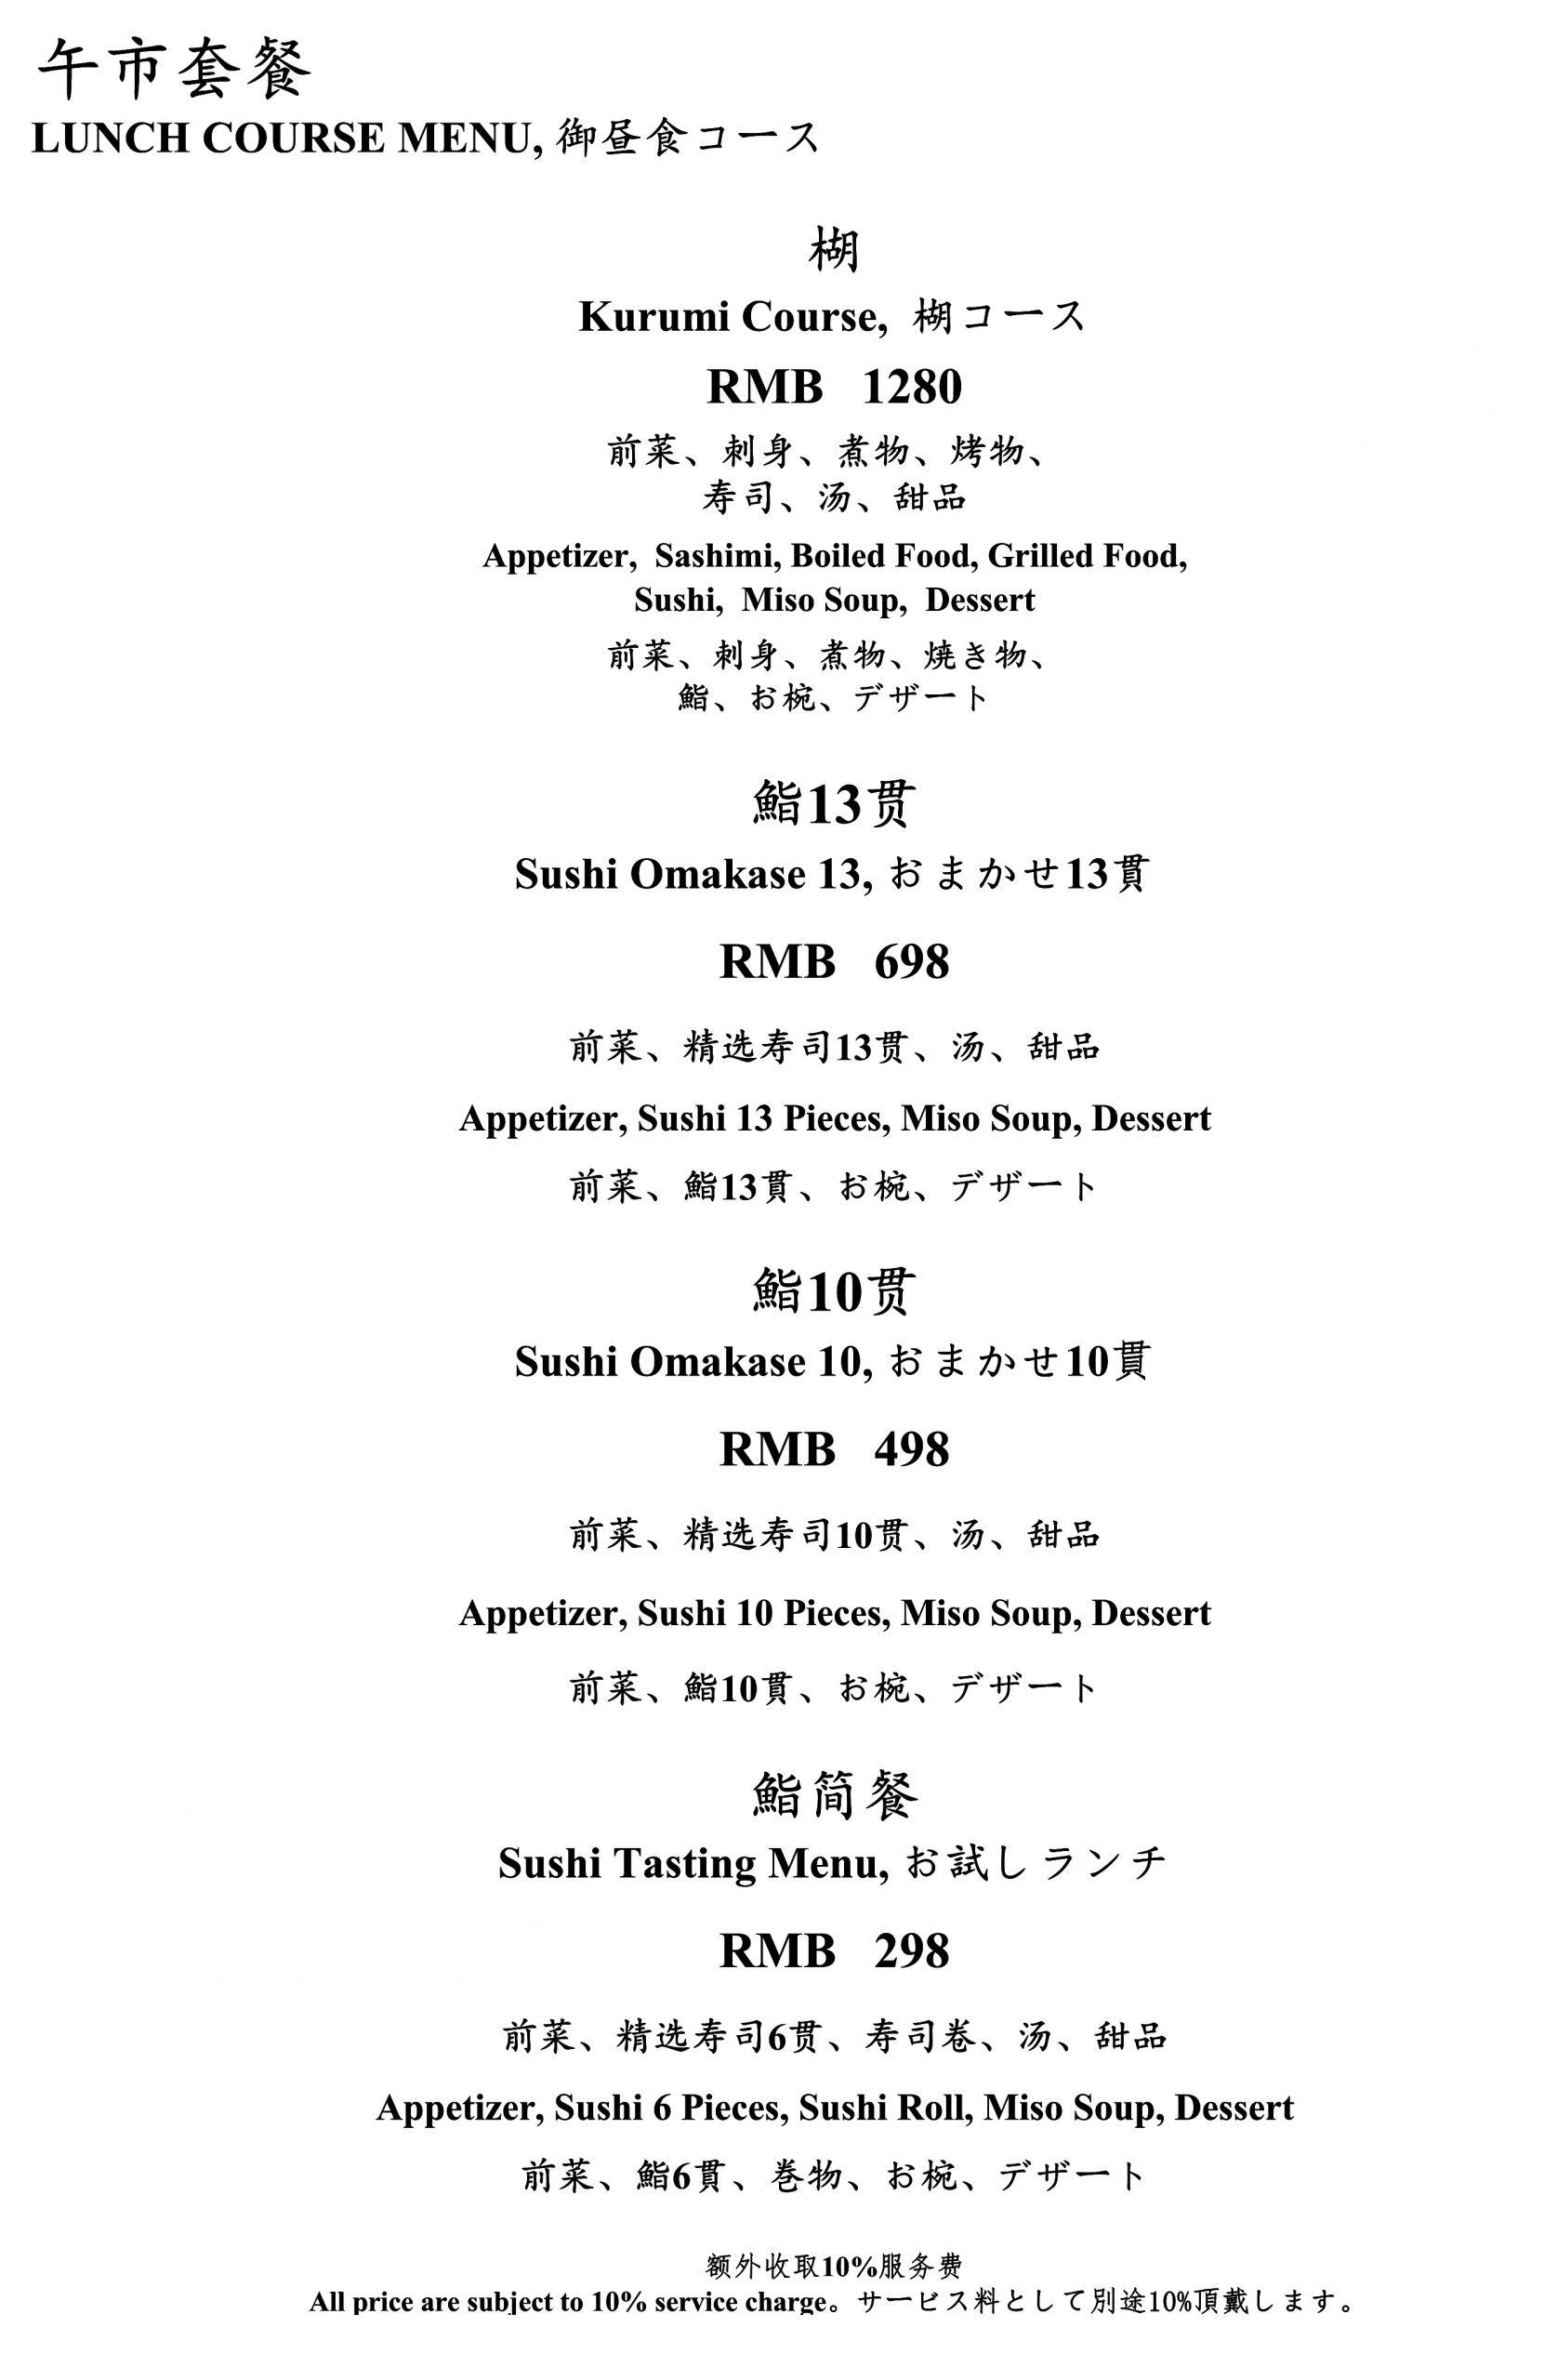 鮨 [上海店] ランチメニュー2